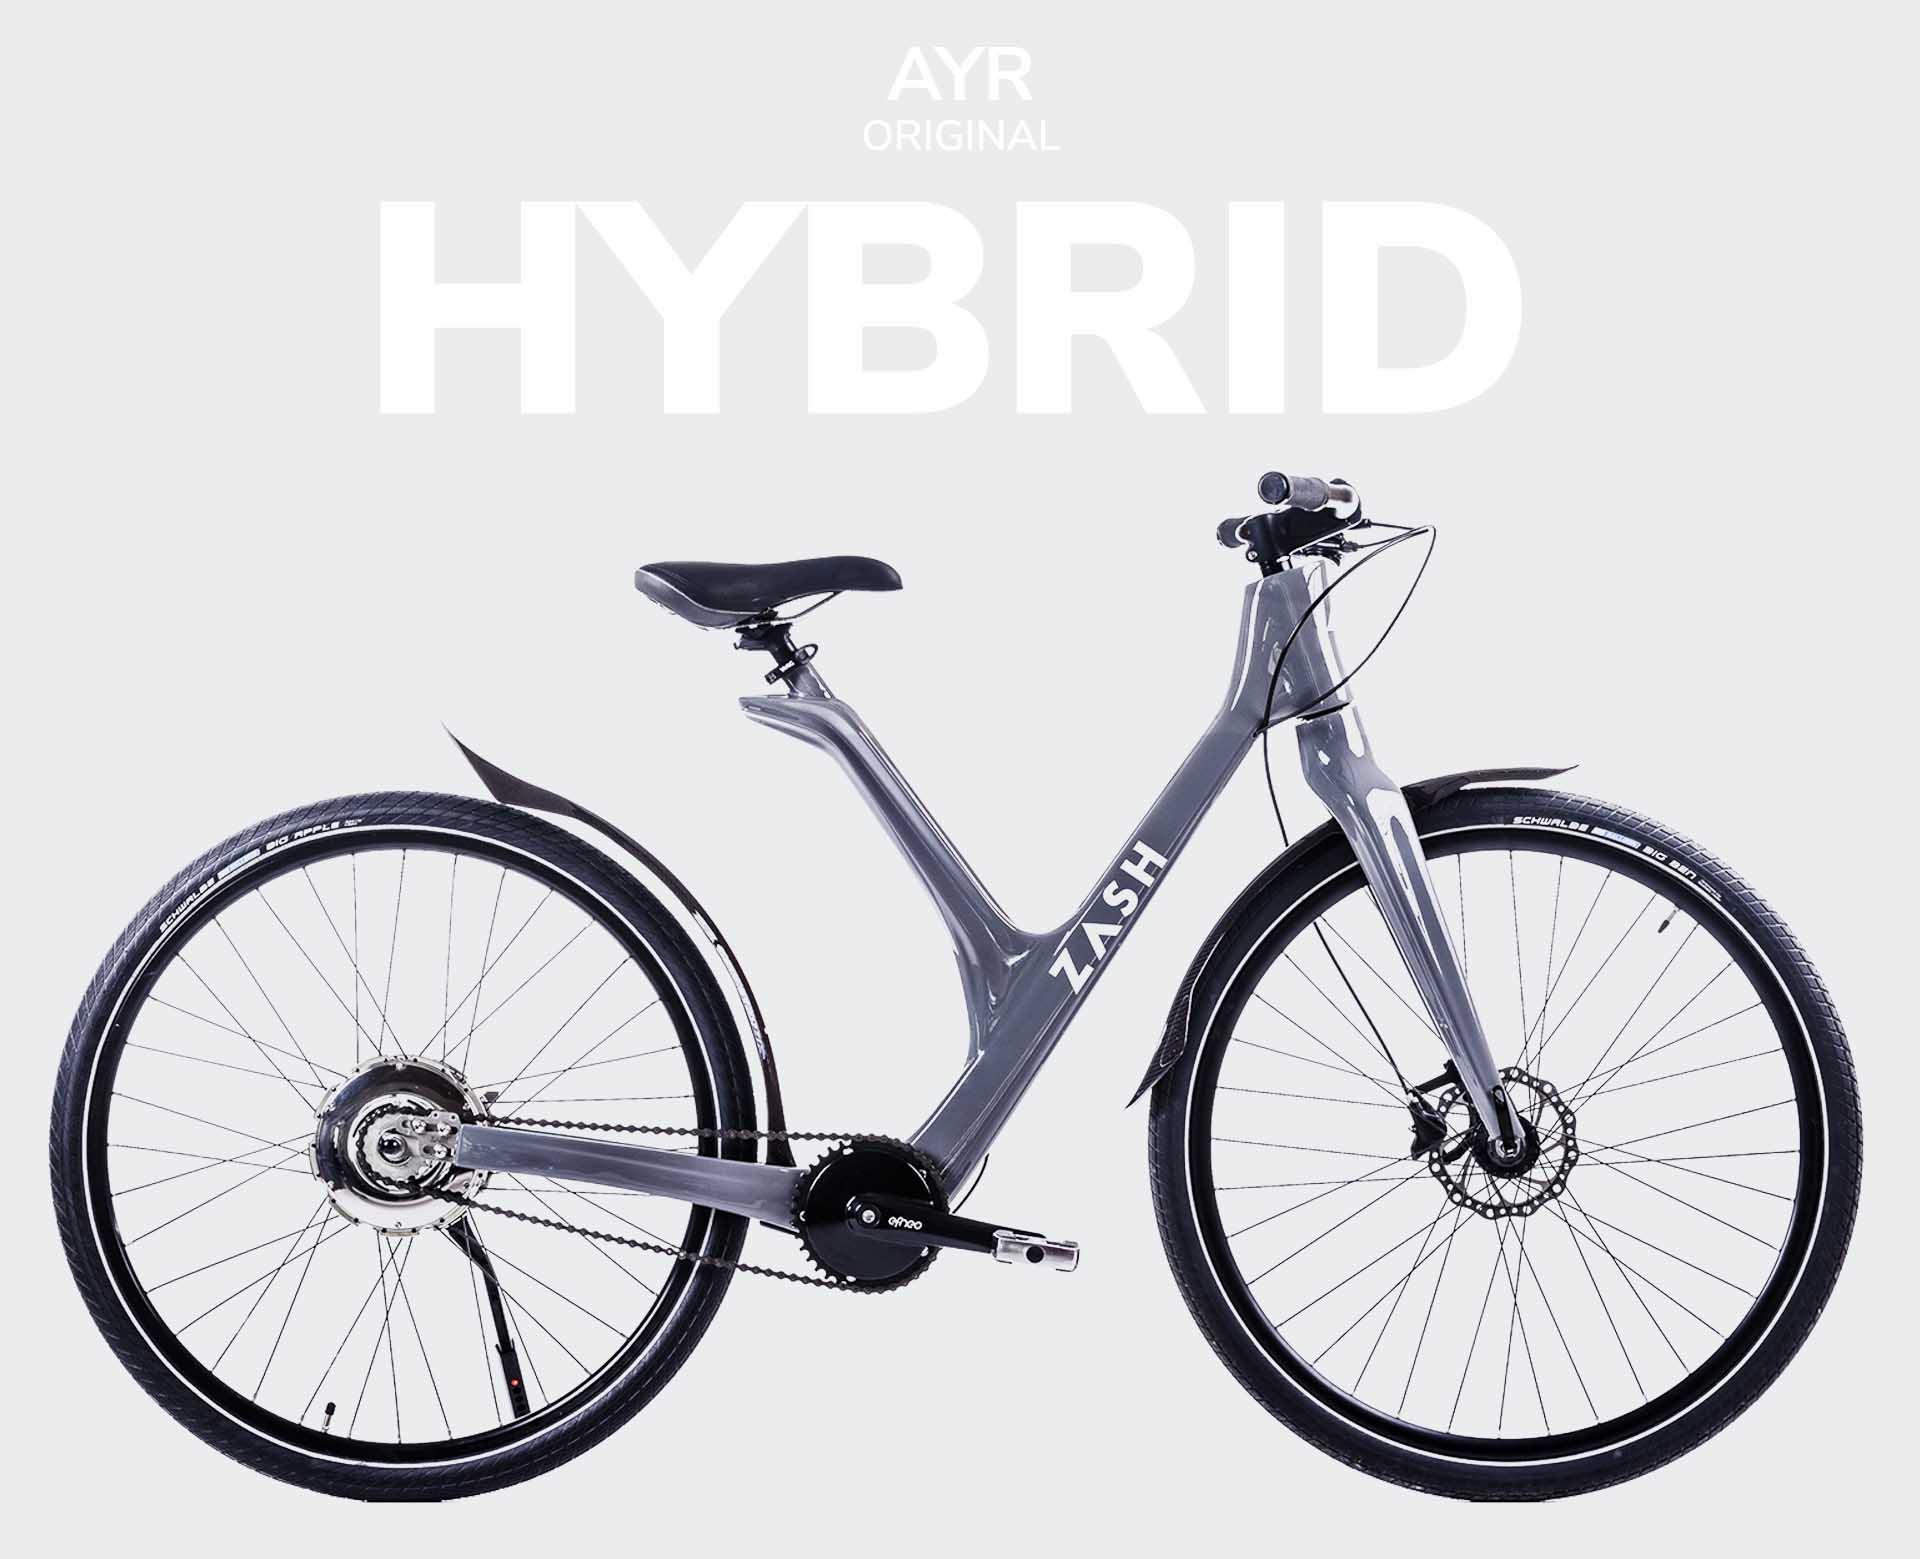 hybrid ayr original